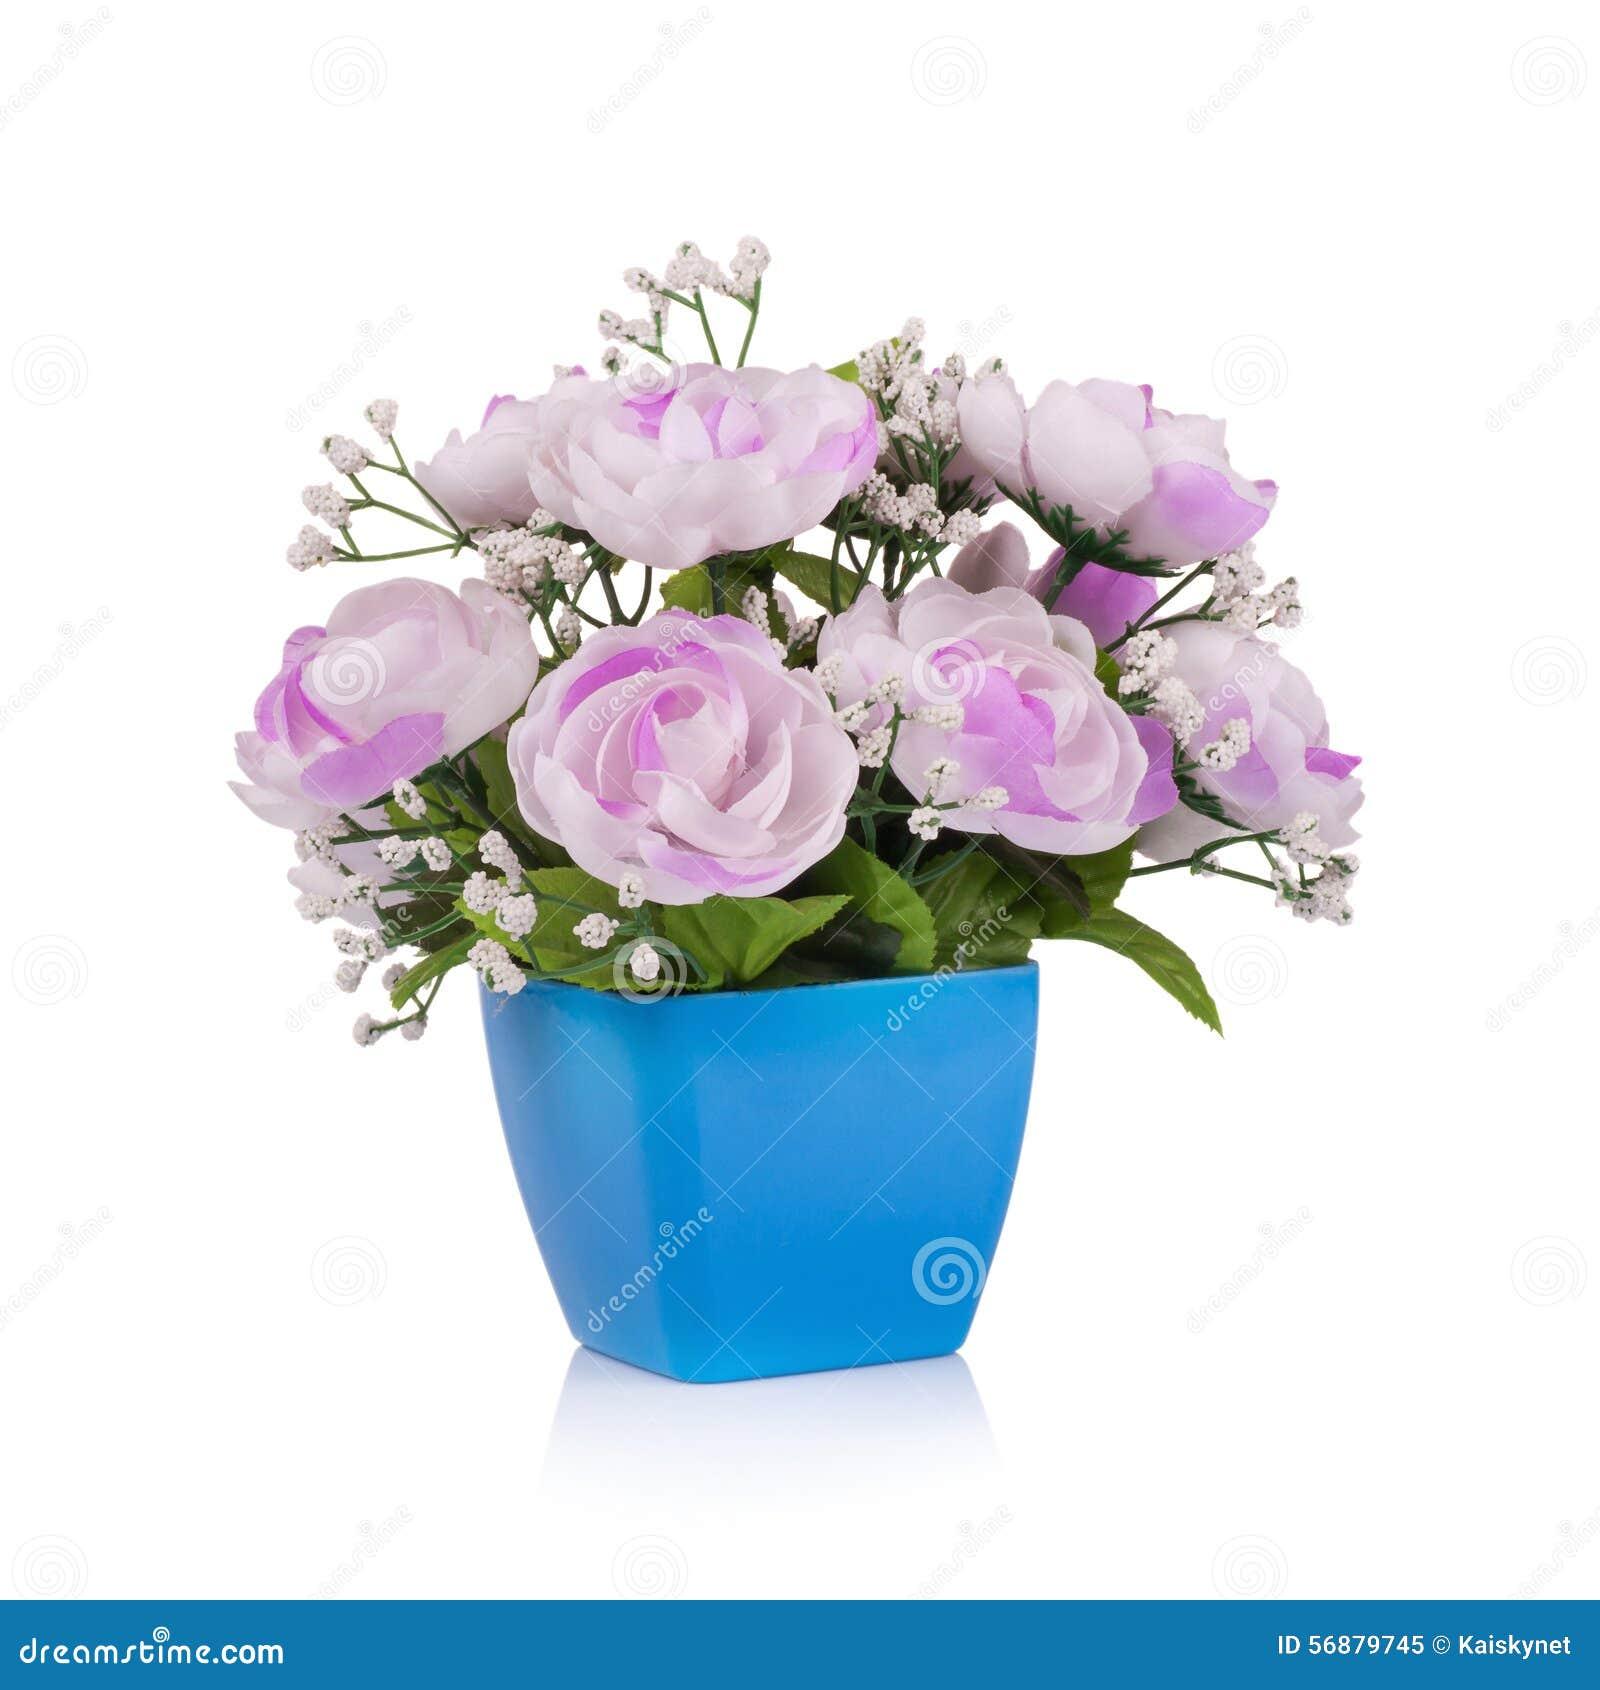 Plastic bloem voor decoratie op witte achtergrond